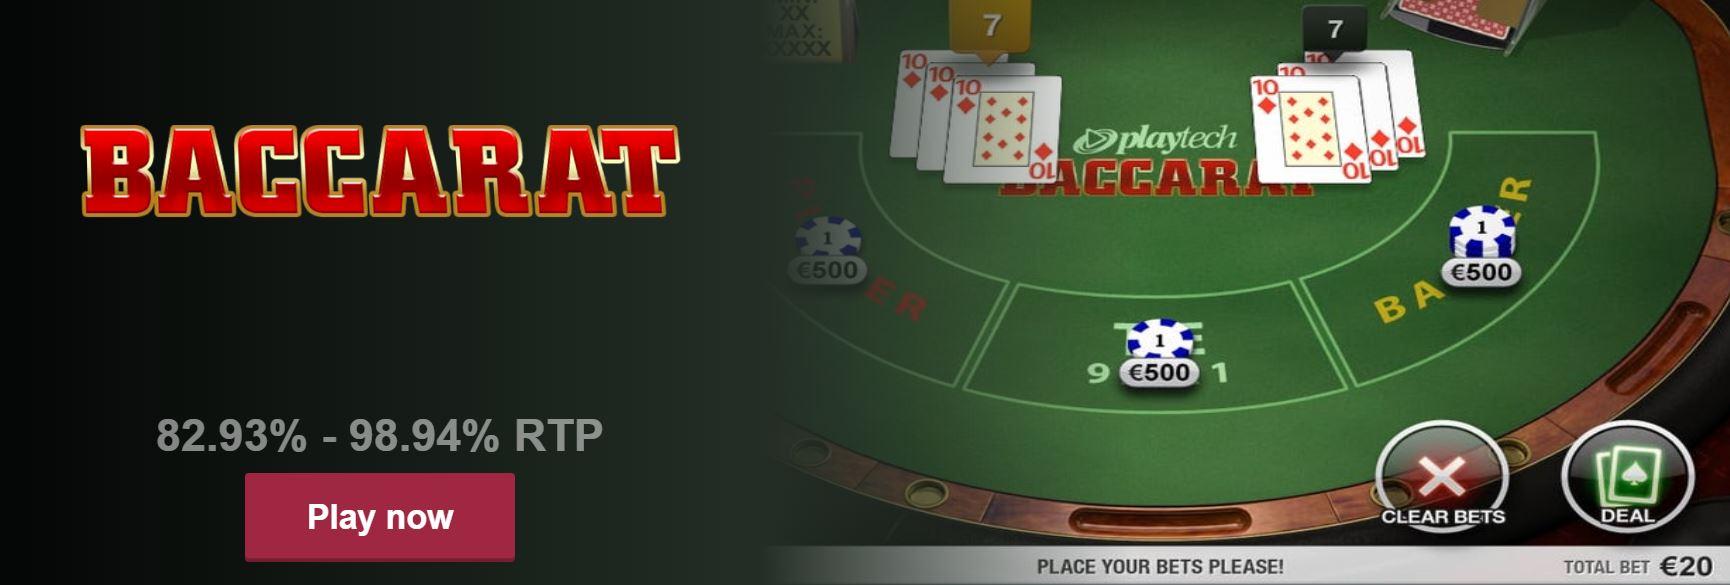 El baccarat es un juego de azar muy popular en los casinos online.